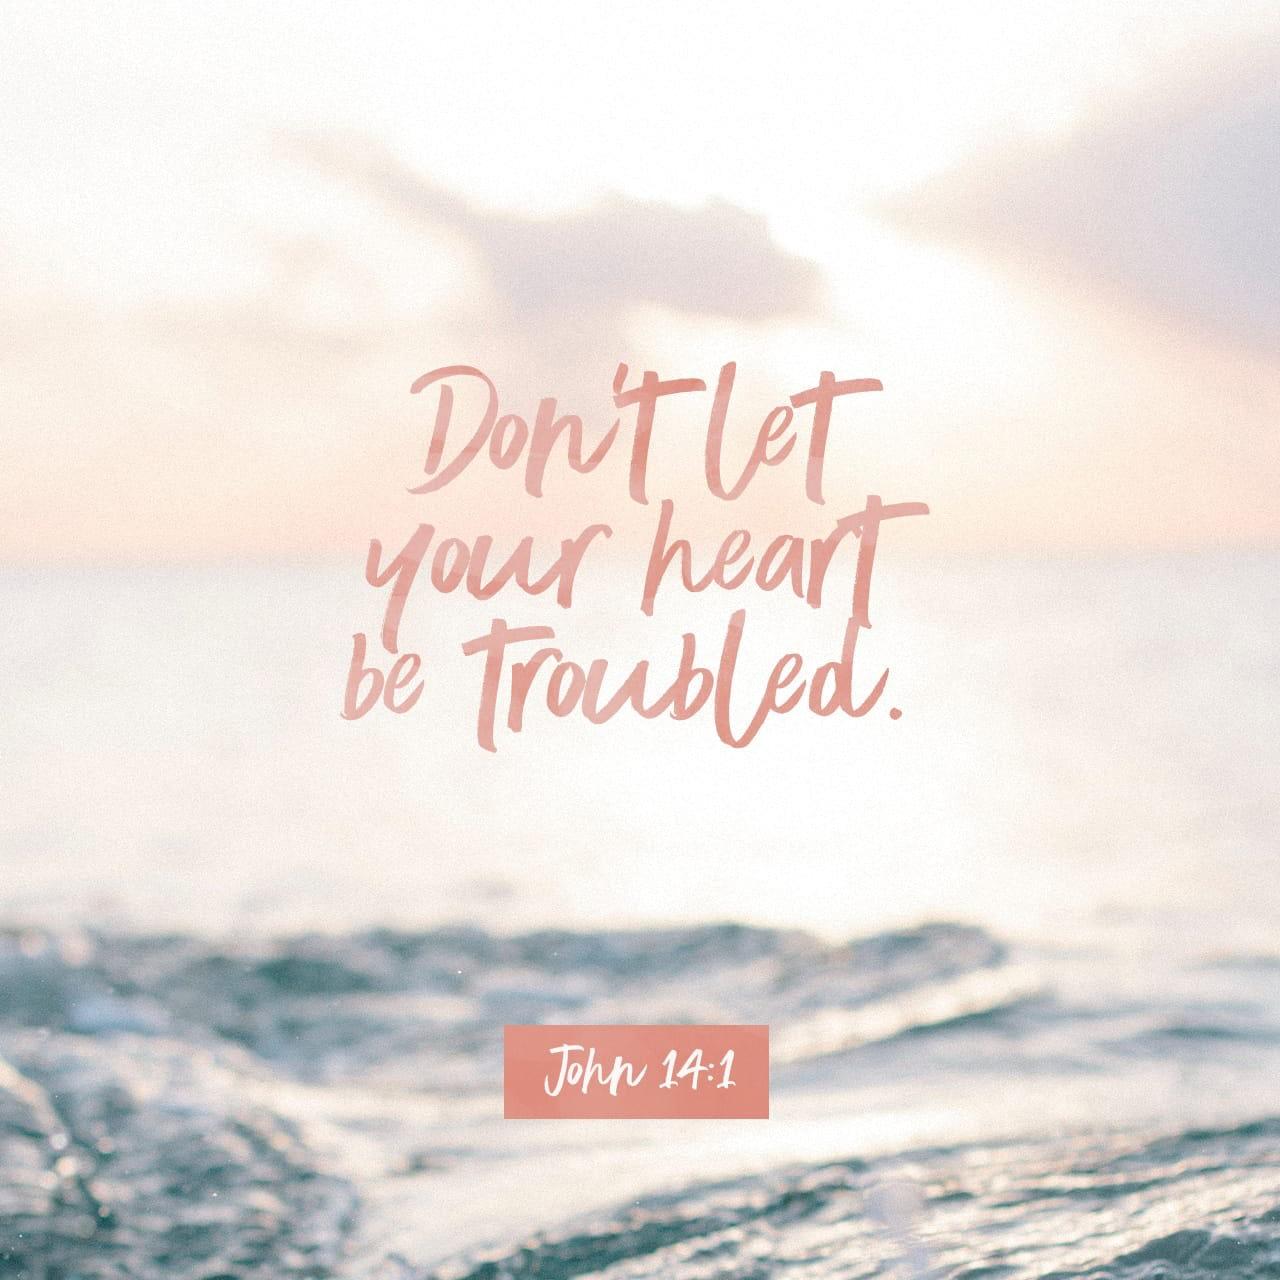 Verse image for Nick Vogel's John 14:1 Devotional